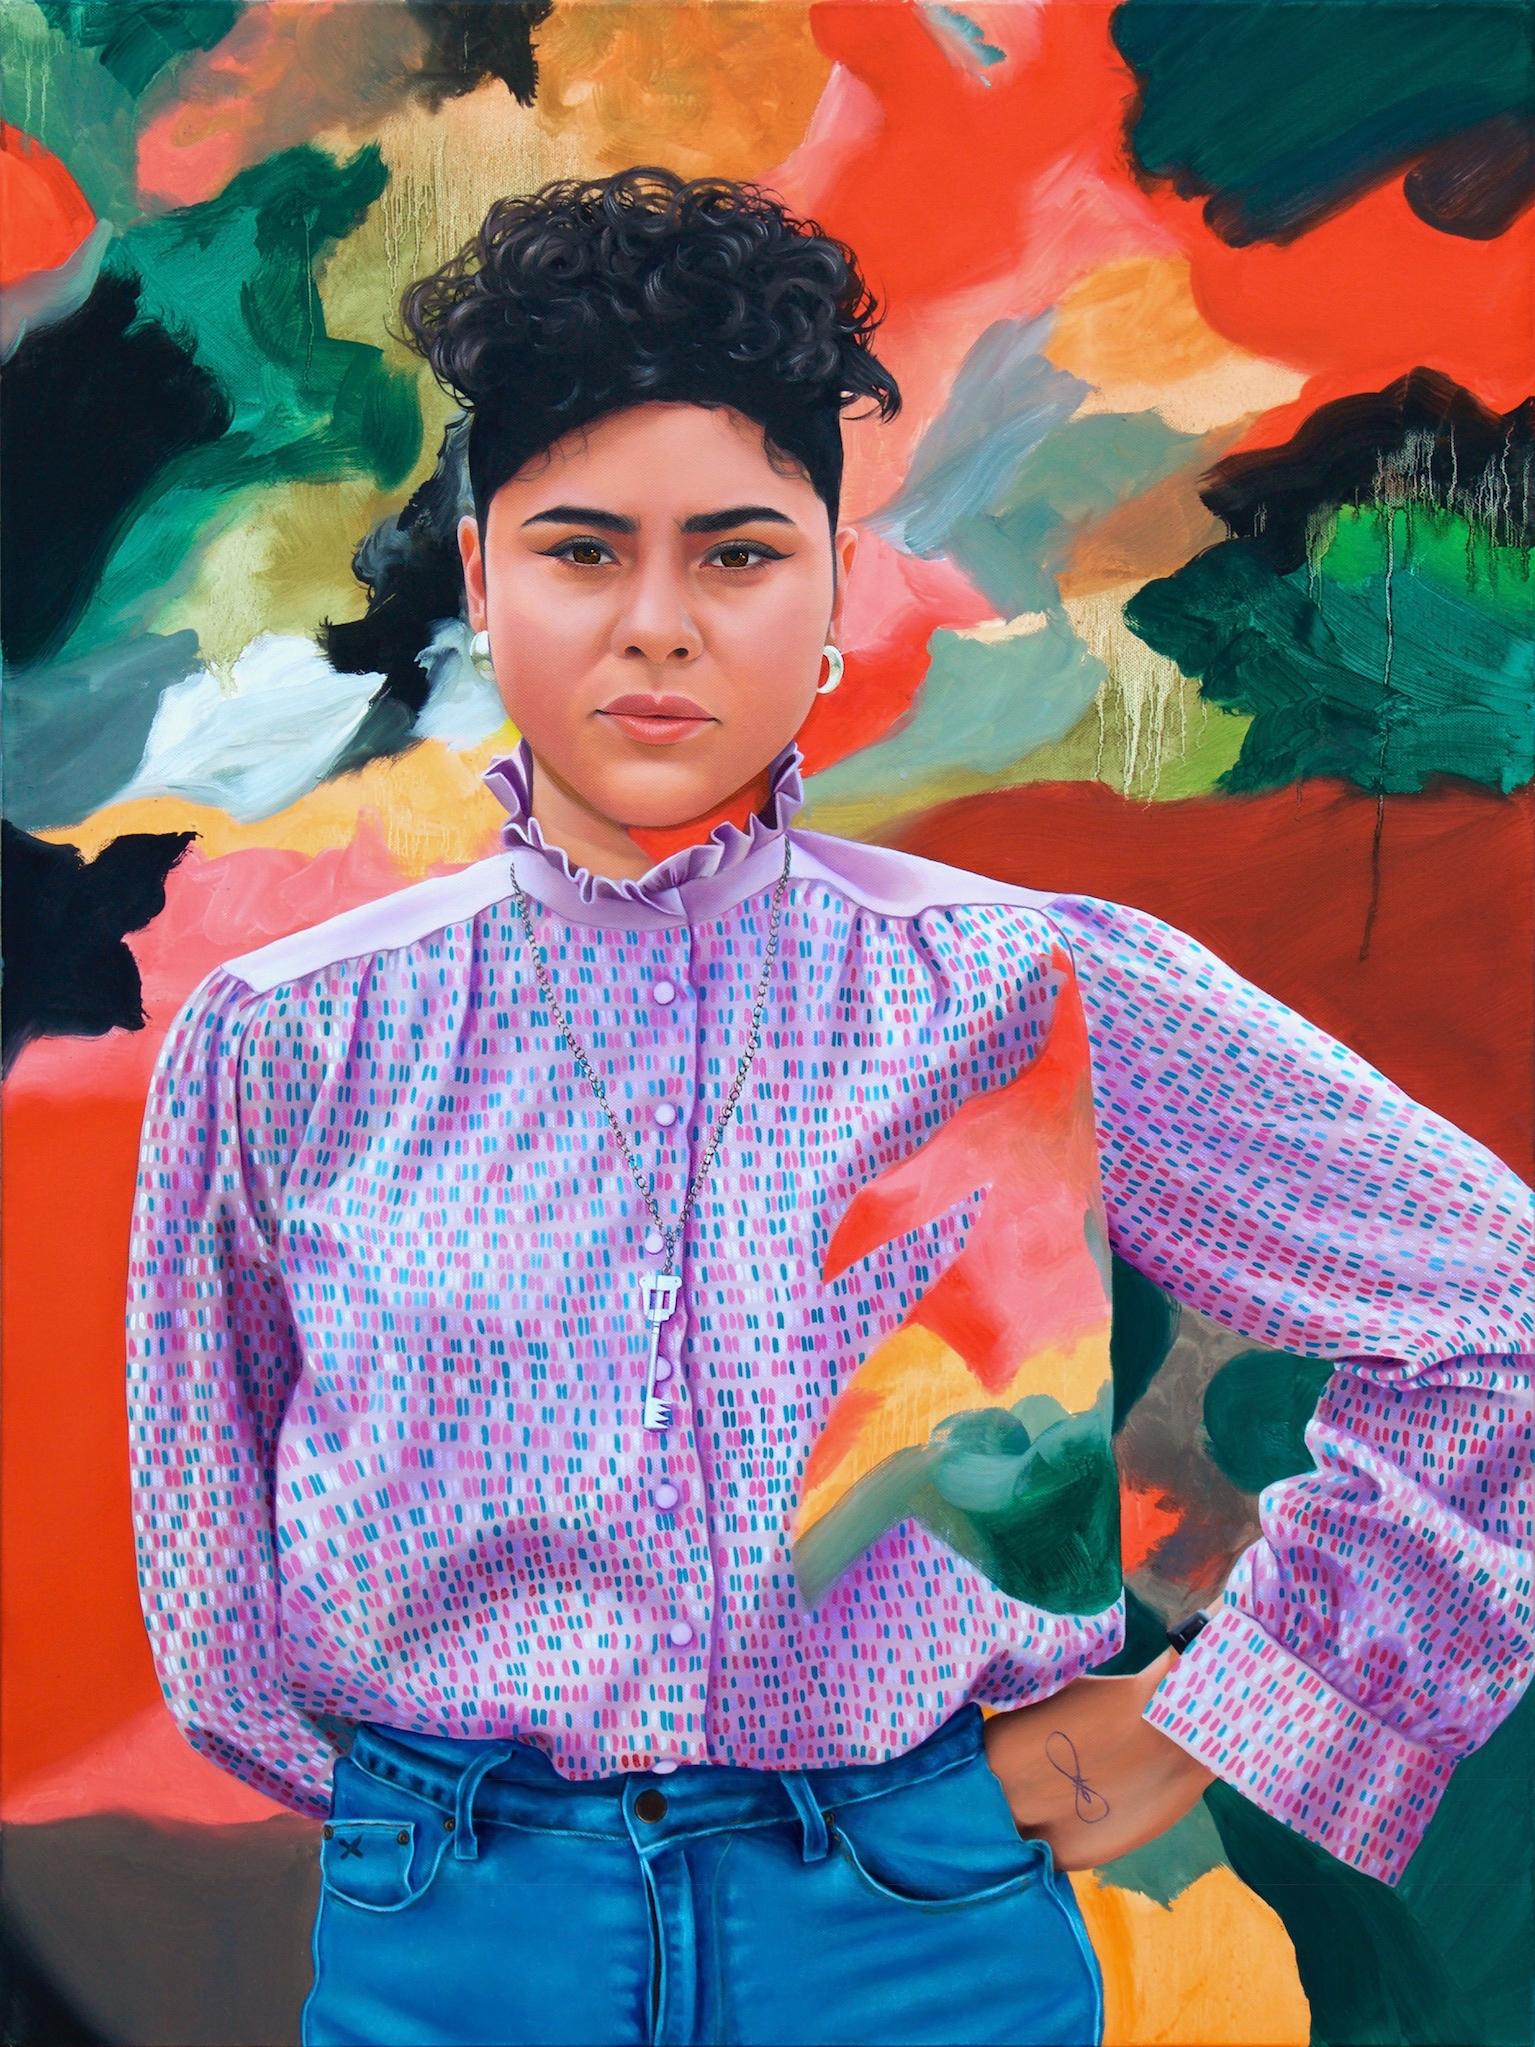 Jess Red Green Oil canvas 2017  - carlosbob | ello